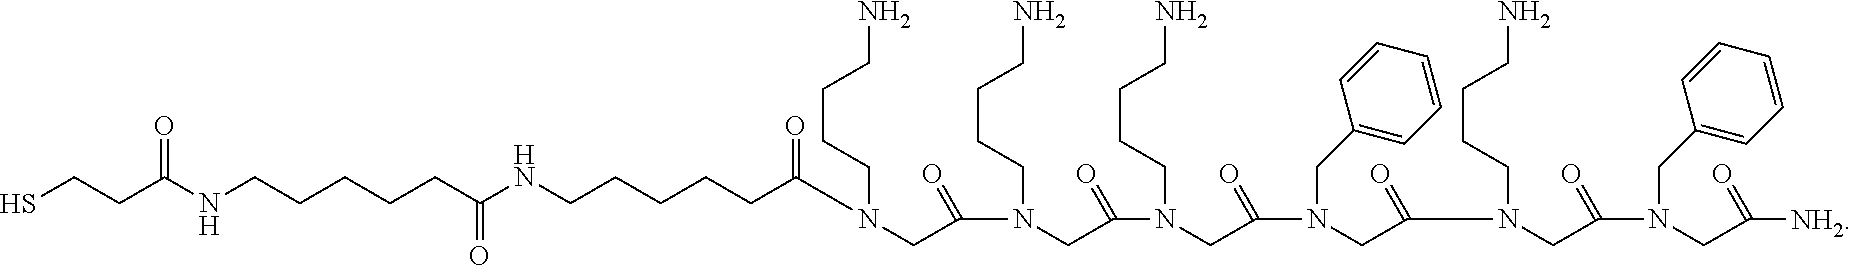 Figure US20110189692A1-20110804-C00073